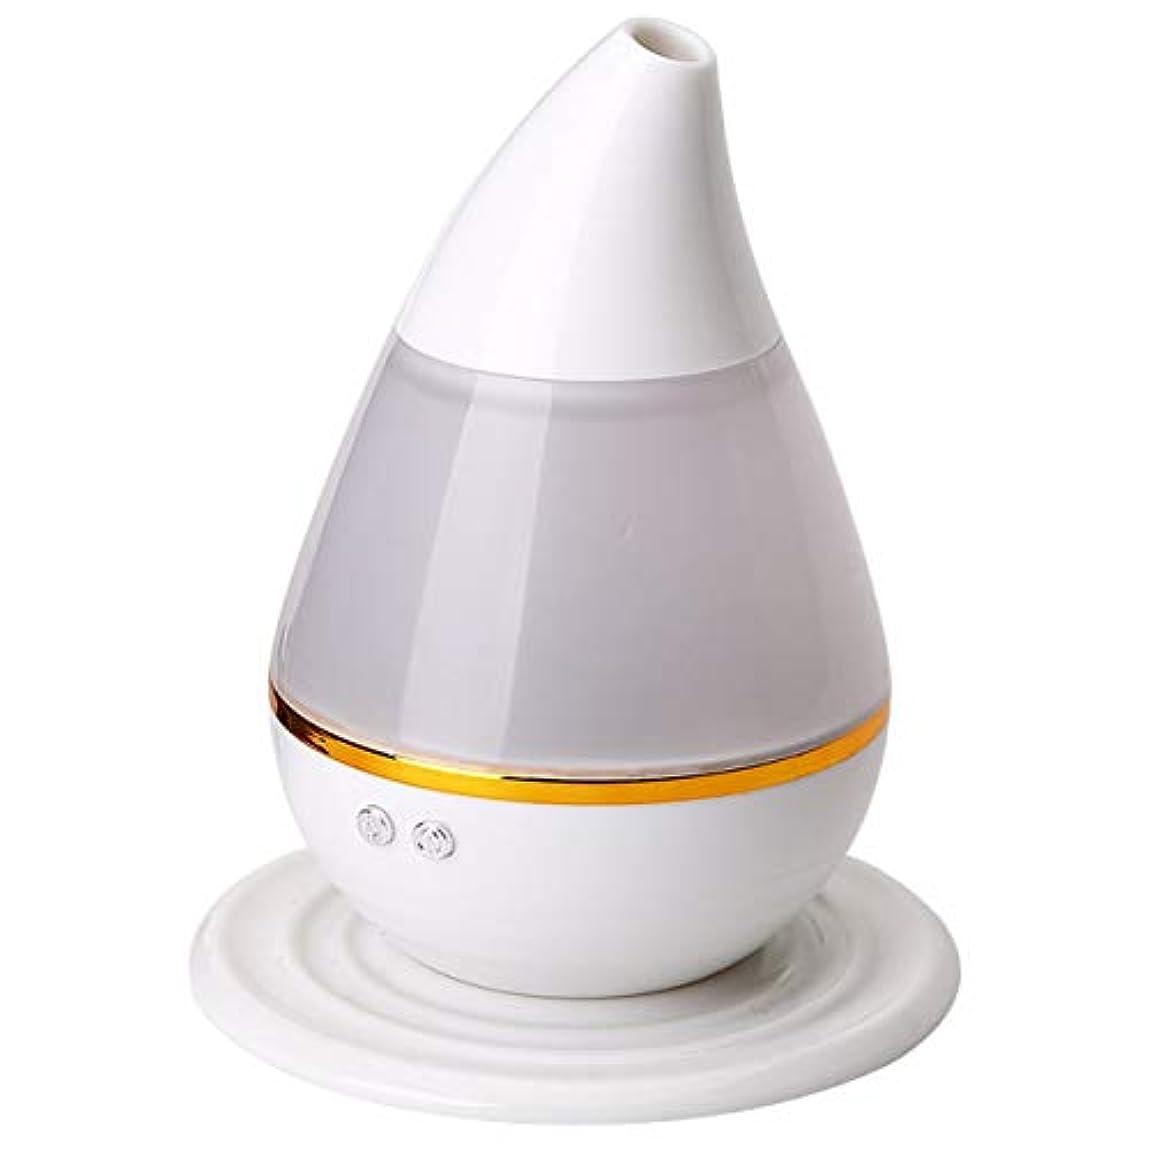 一貫性のない枢機卿猫背Saikogoods 超静音ポータブル超音波加湿器 3D効果ガラスの夜ライトアロマディフューザーベストギフト 白